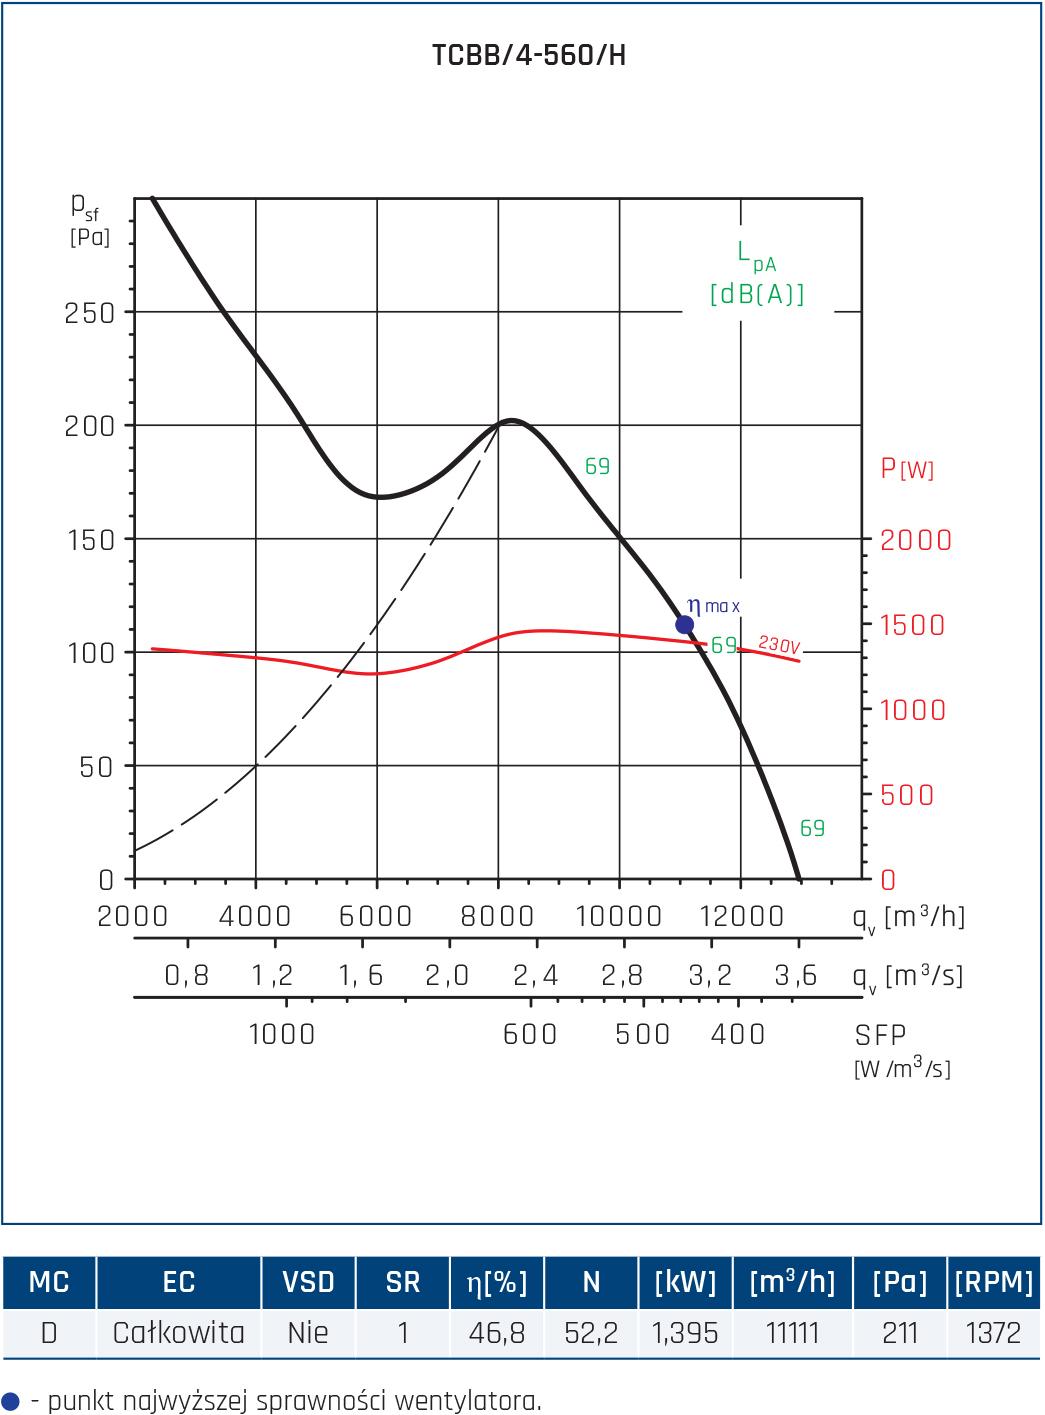 Wentylator Compact TCBB/TCBT 24